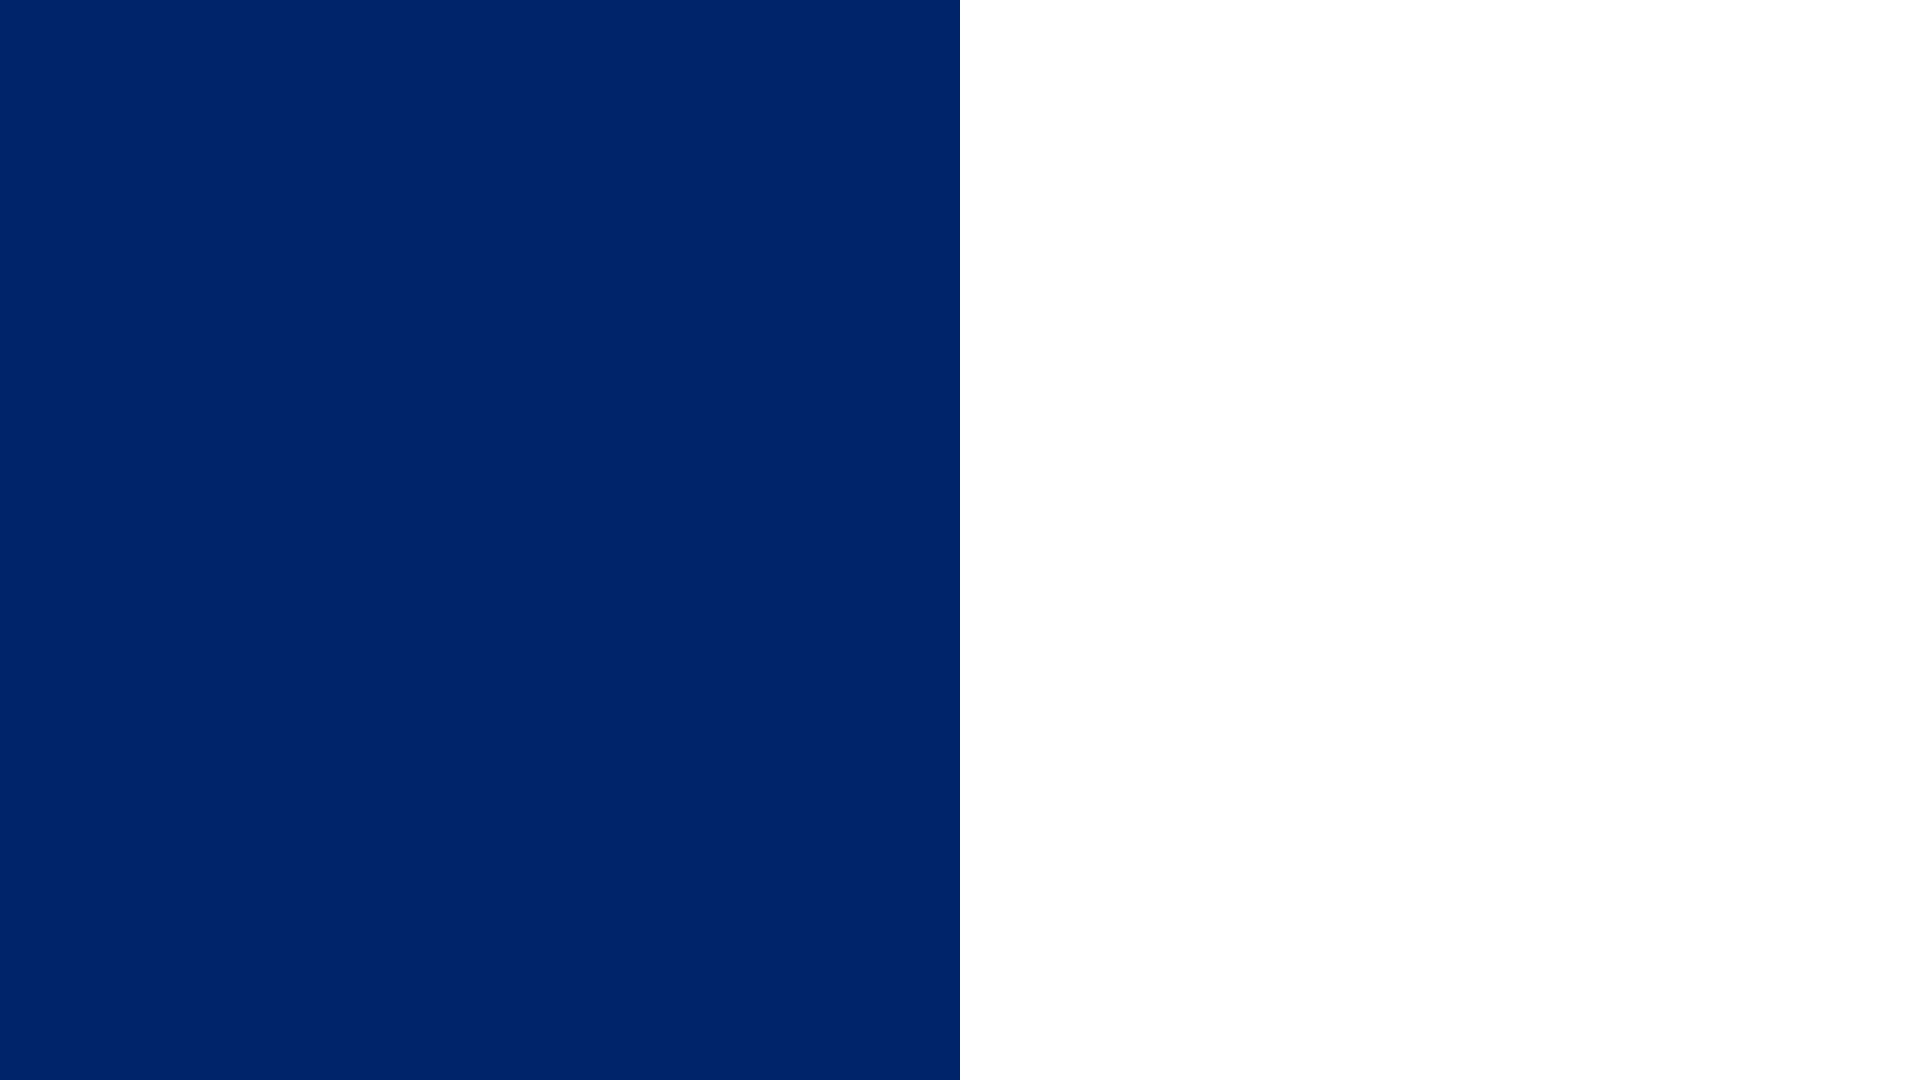 Tampa Bay Lightning Logo Color Scheme Blue Schemecolor Com